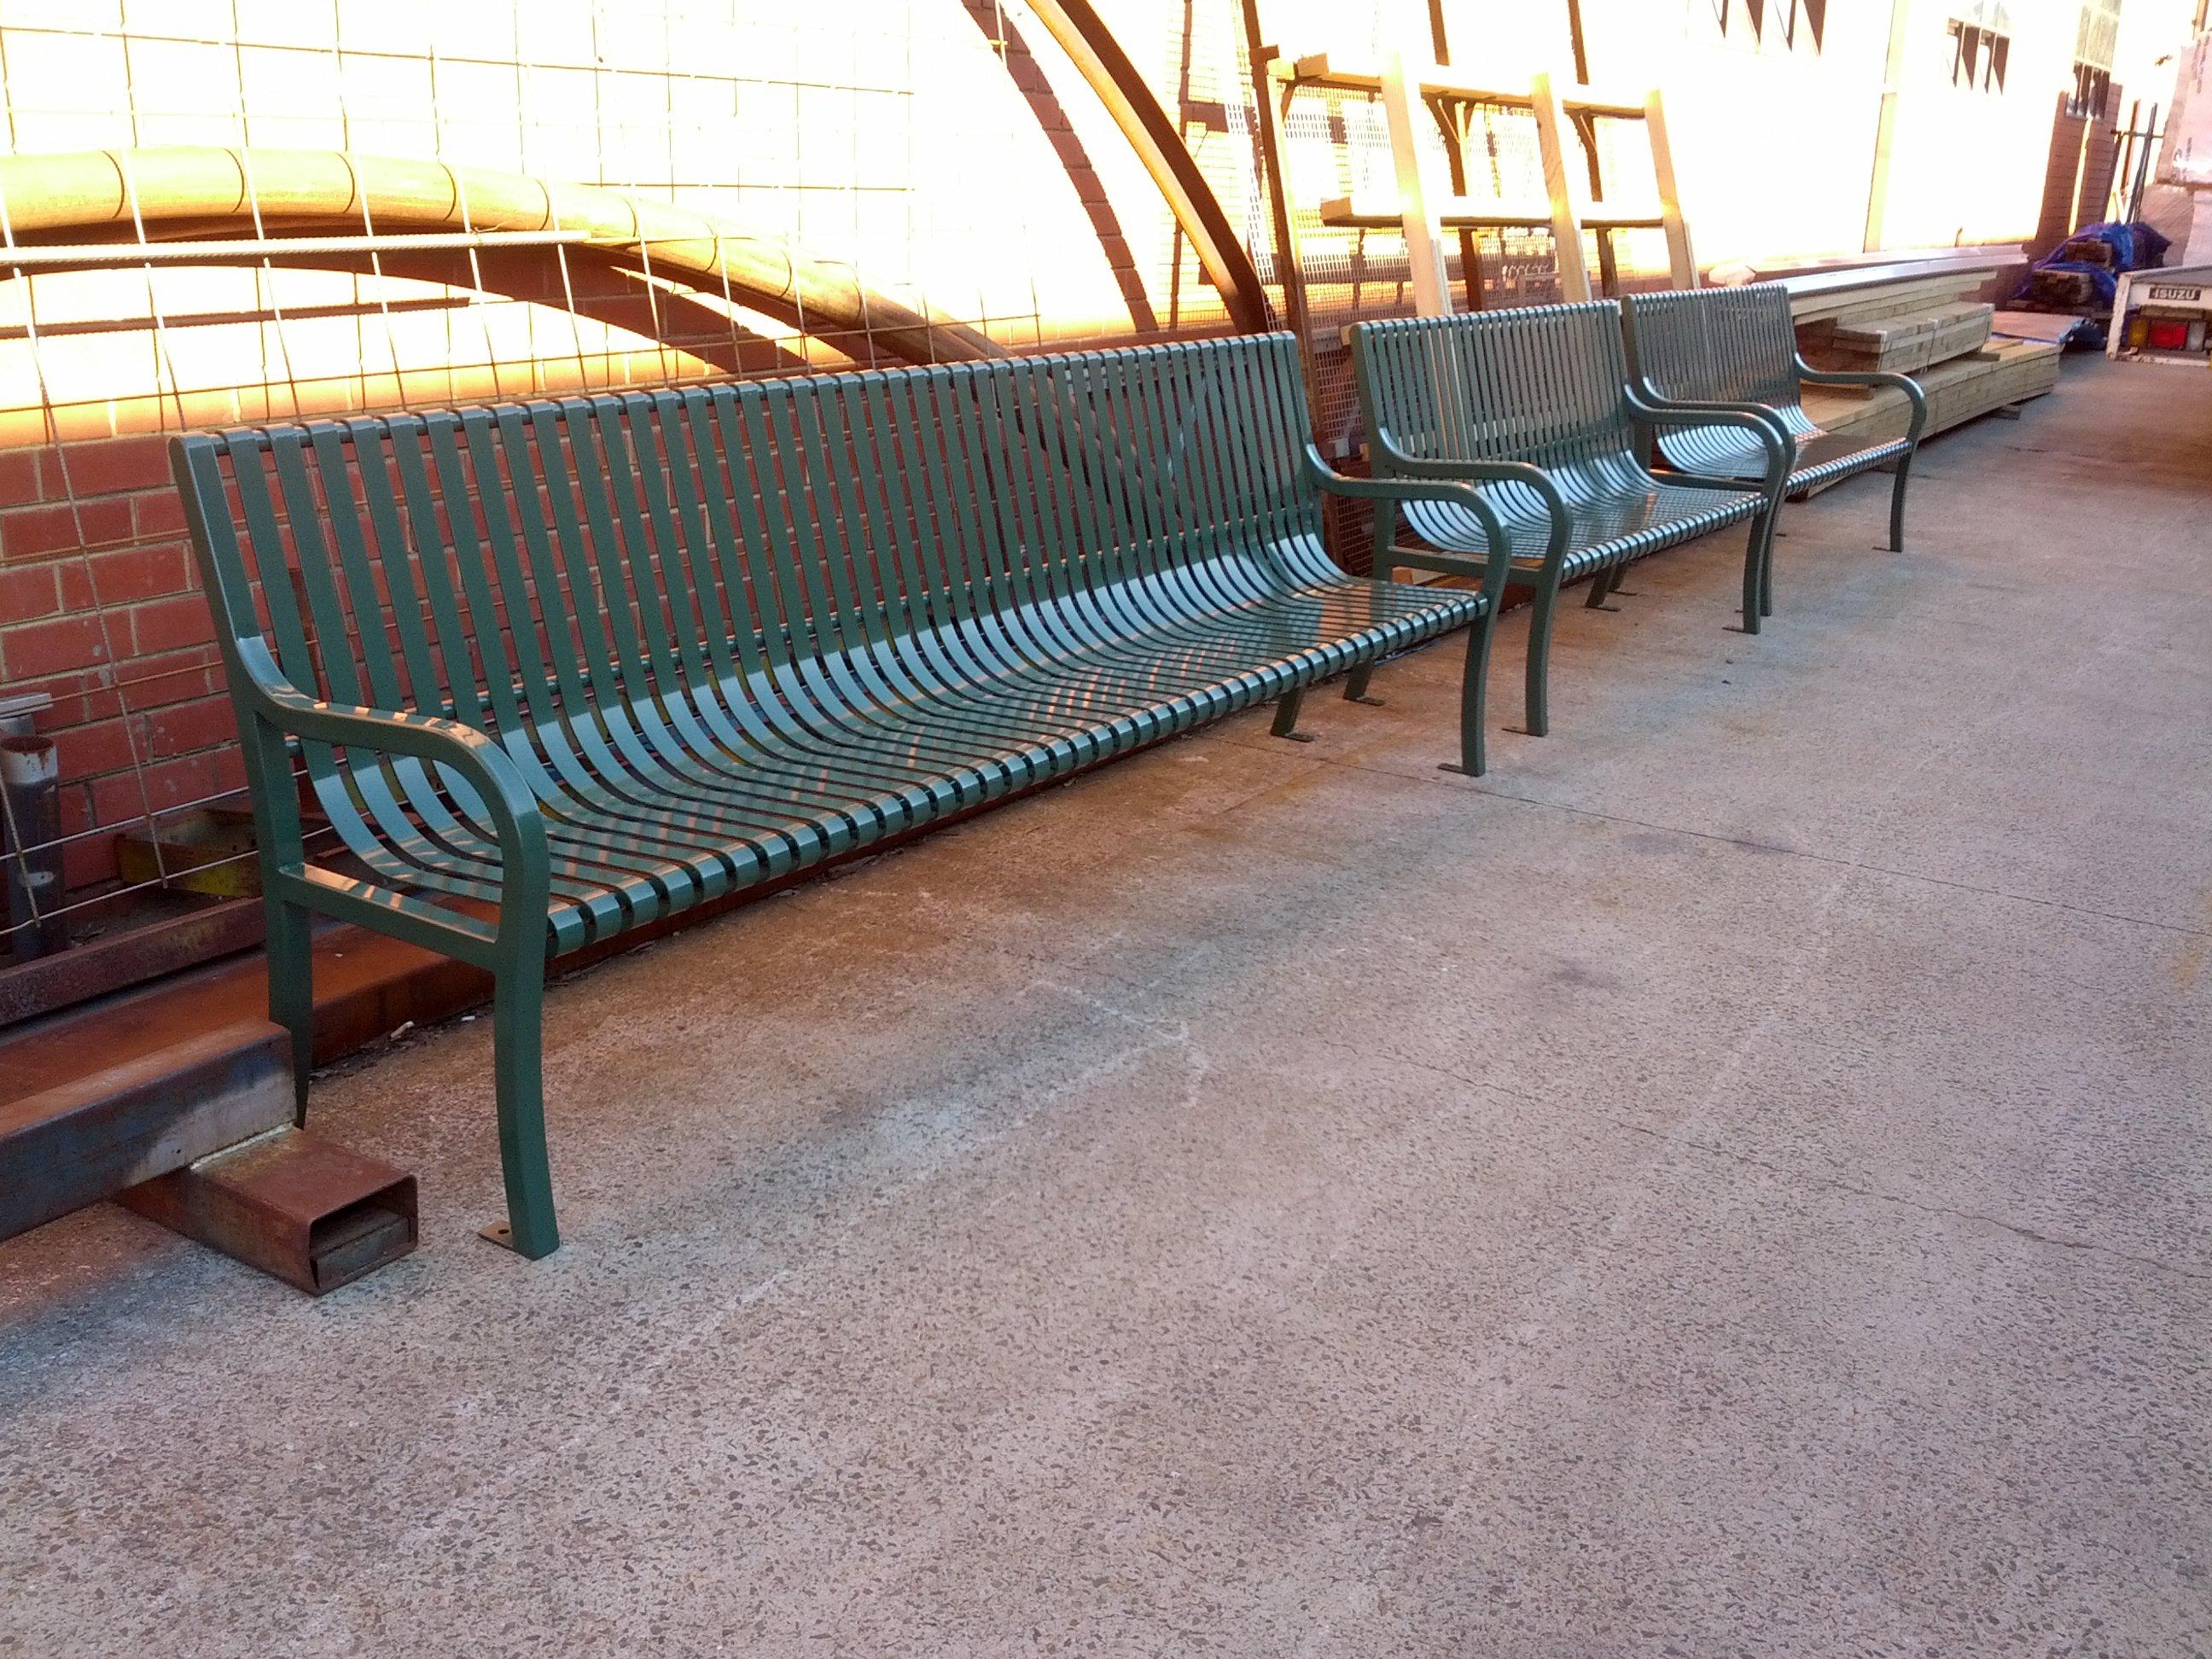 Derwent Seat